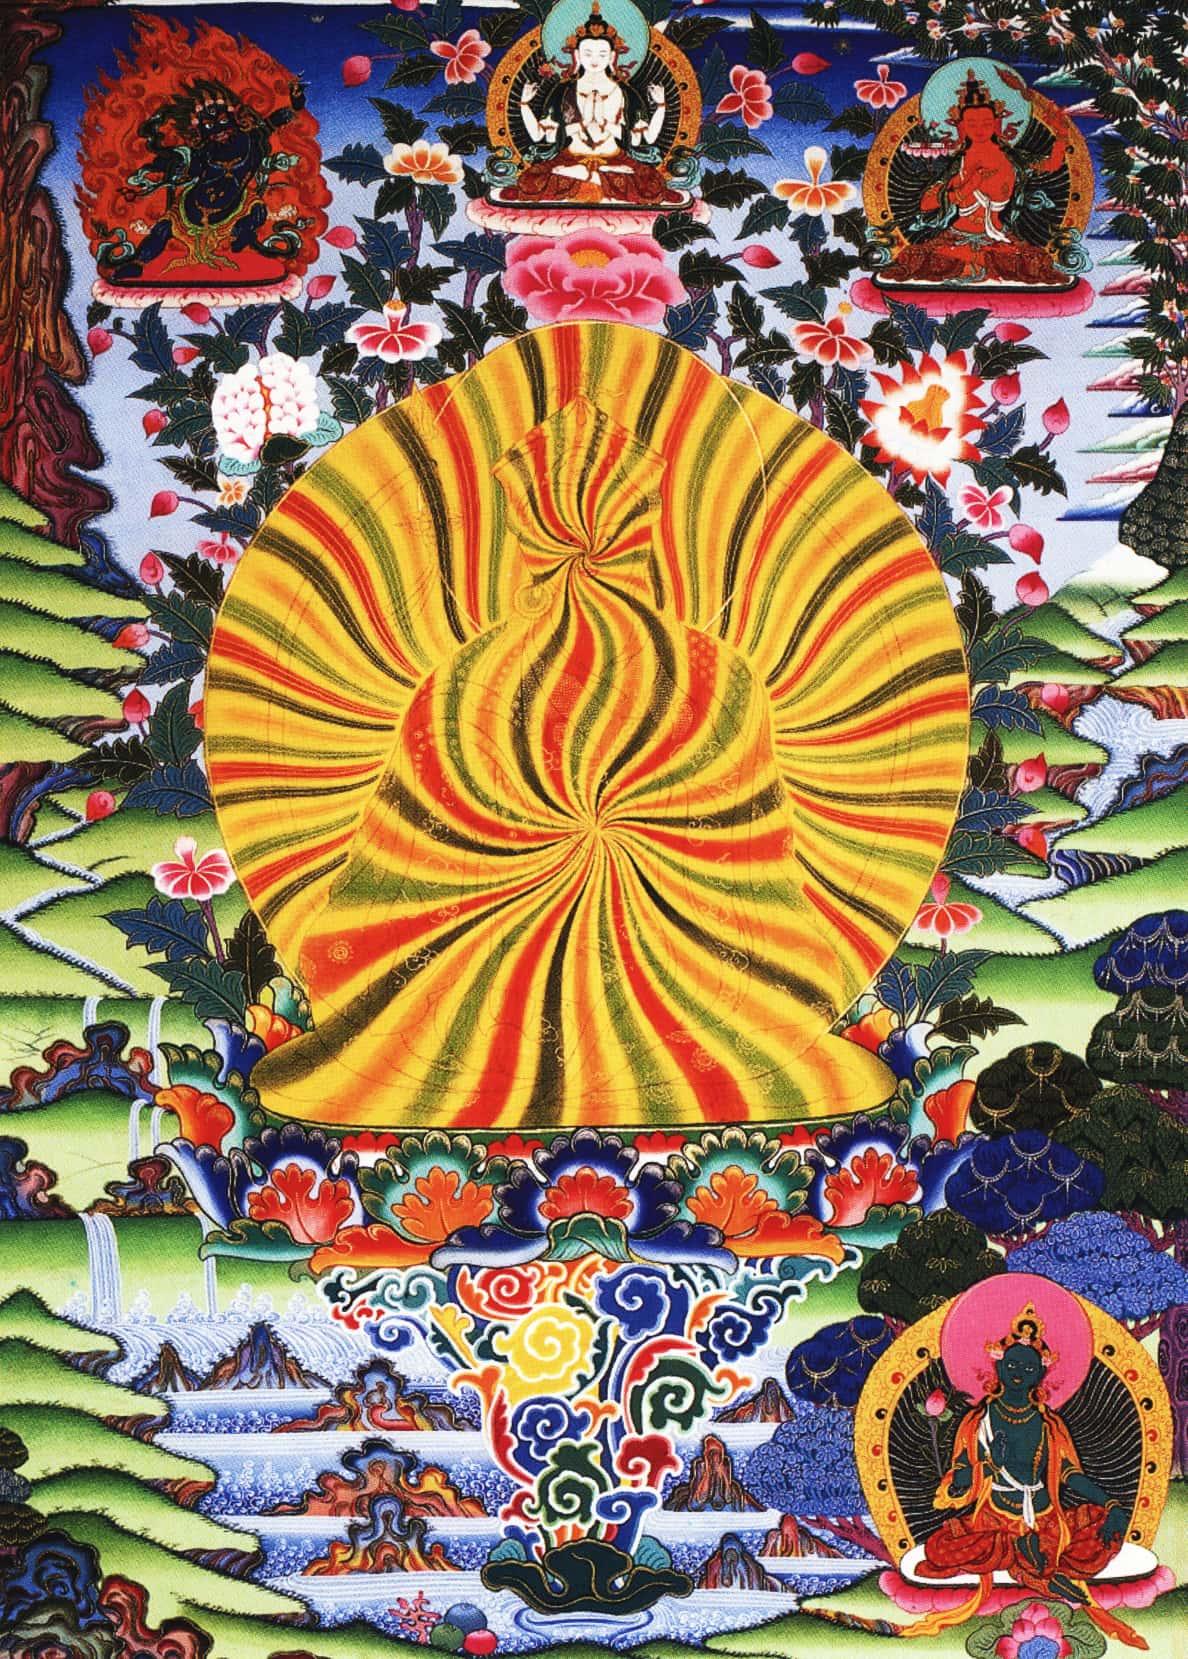 Падмасамбхава, просветленный Гуру Ринпоче. Работа таманг в тибетском стиле, минеральные цвета